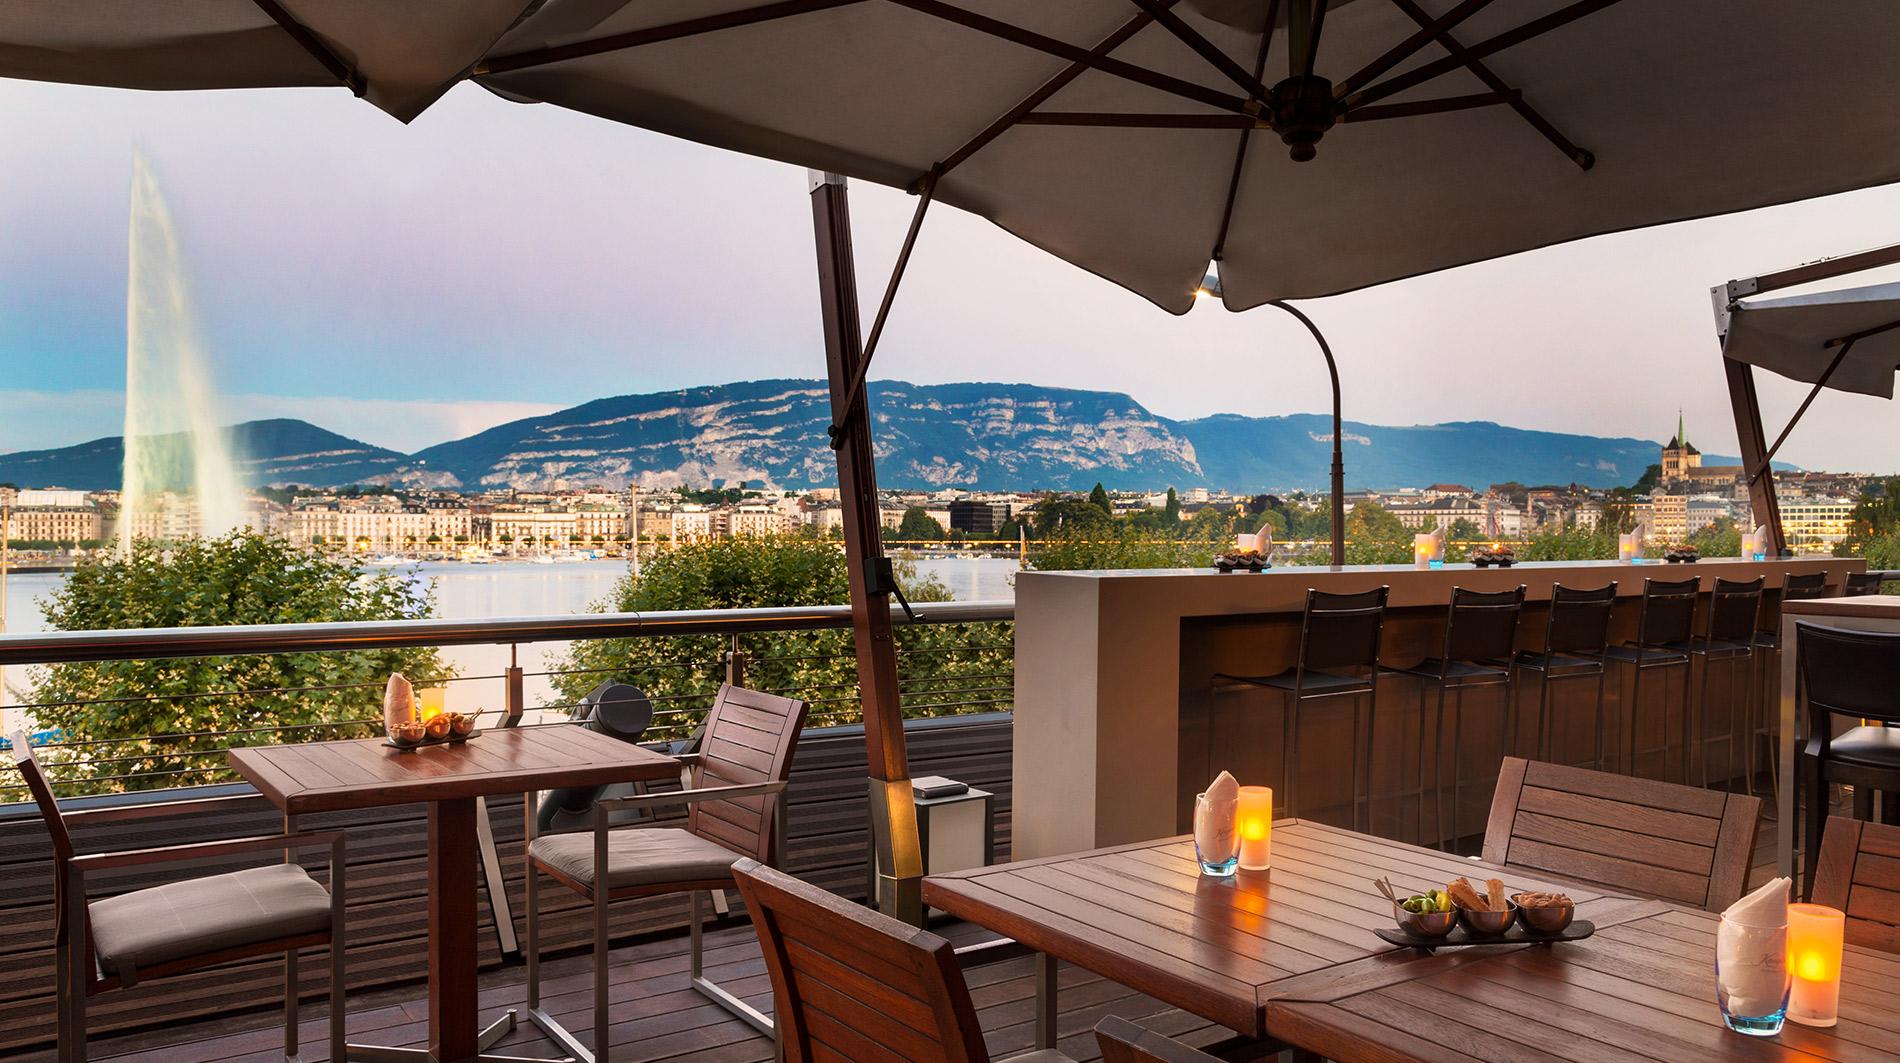 Kempinski Geneva terrace